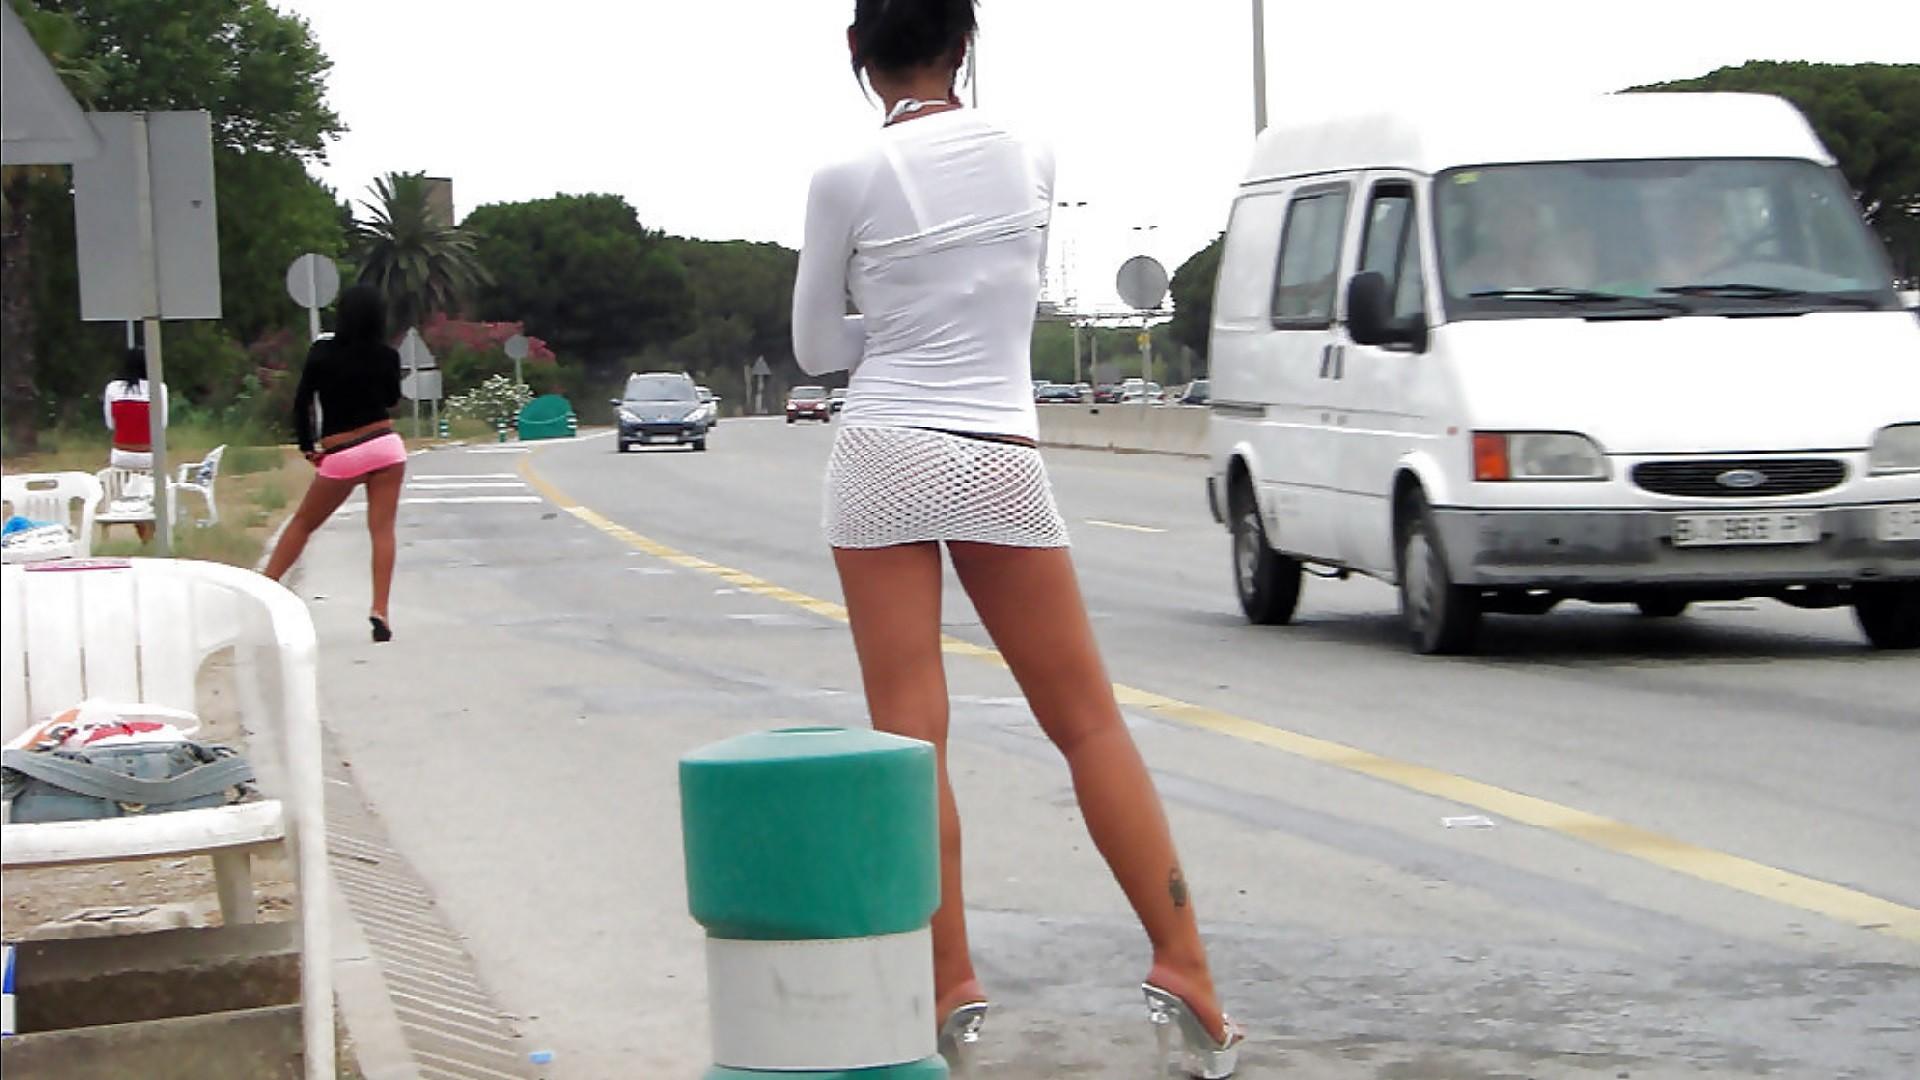 prostitutas callejeras videos prostitutas almansa